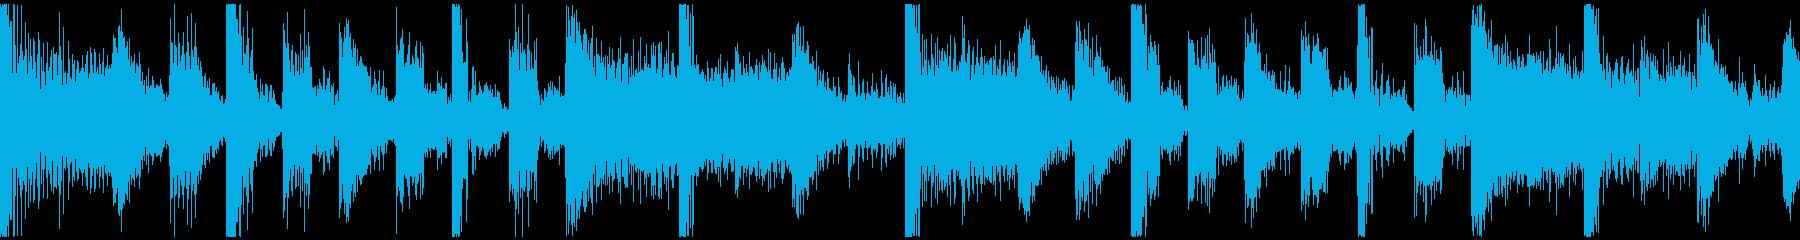 ゲーム用待機画面BGM速度UP版の再生済みの波形